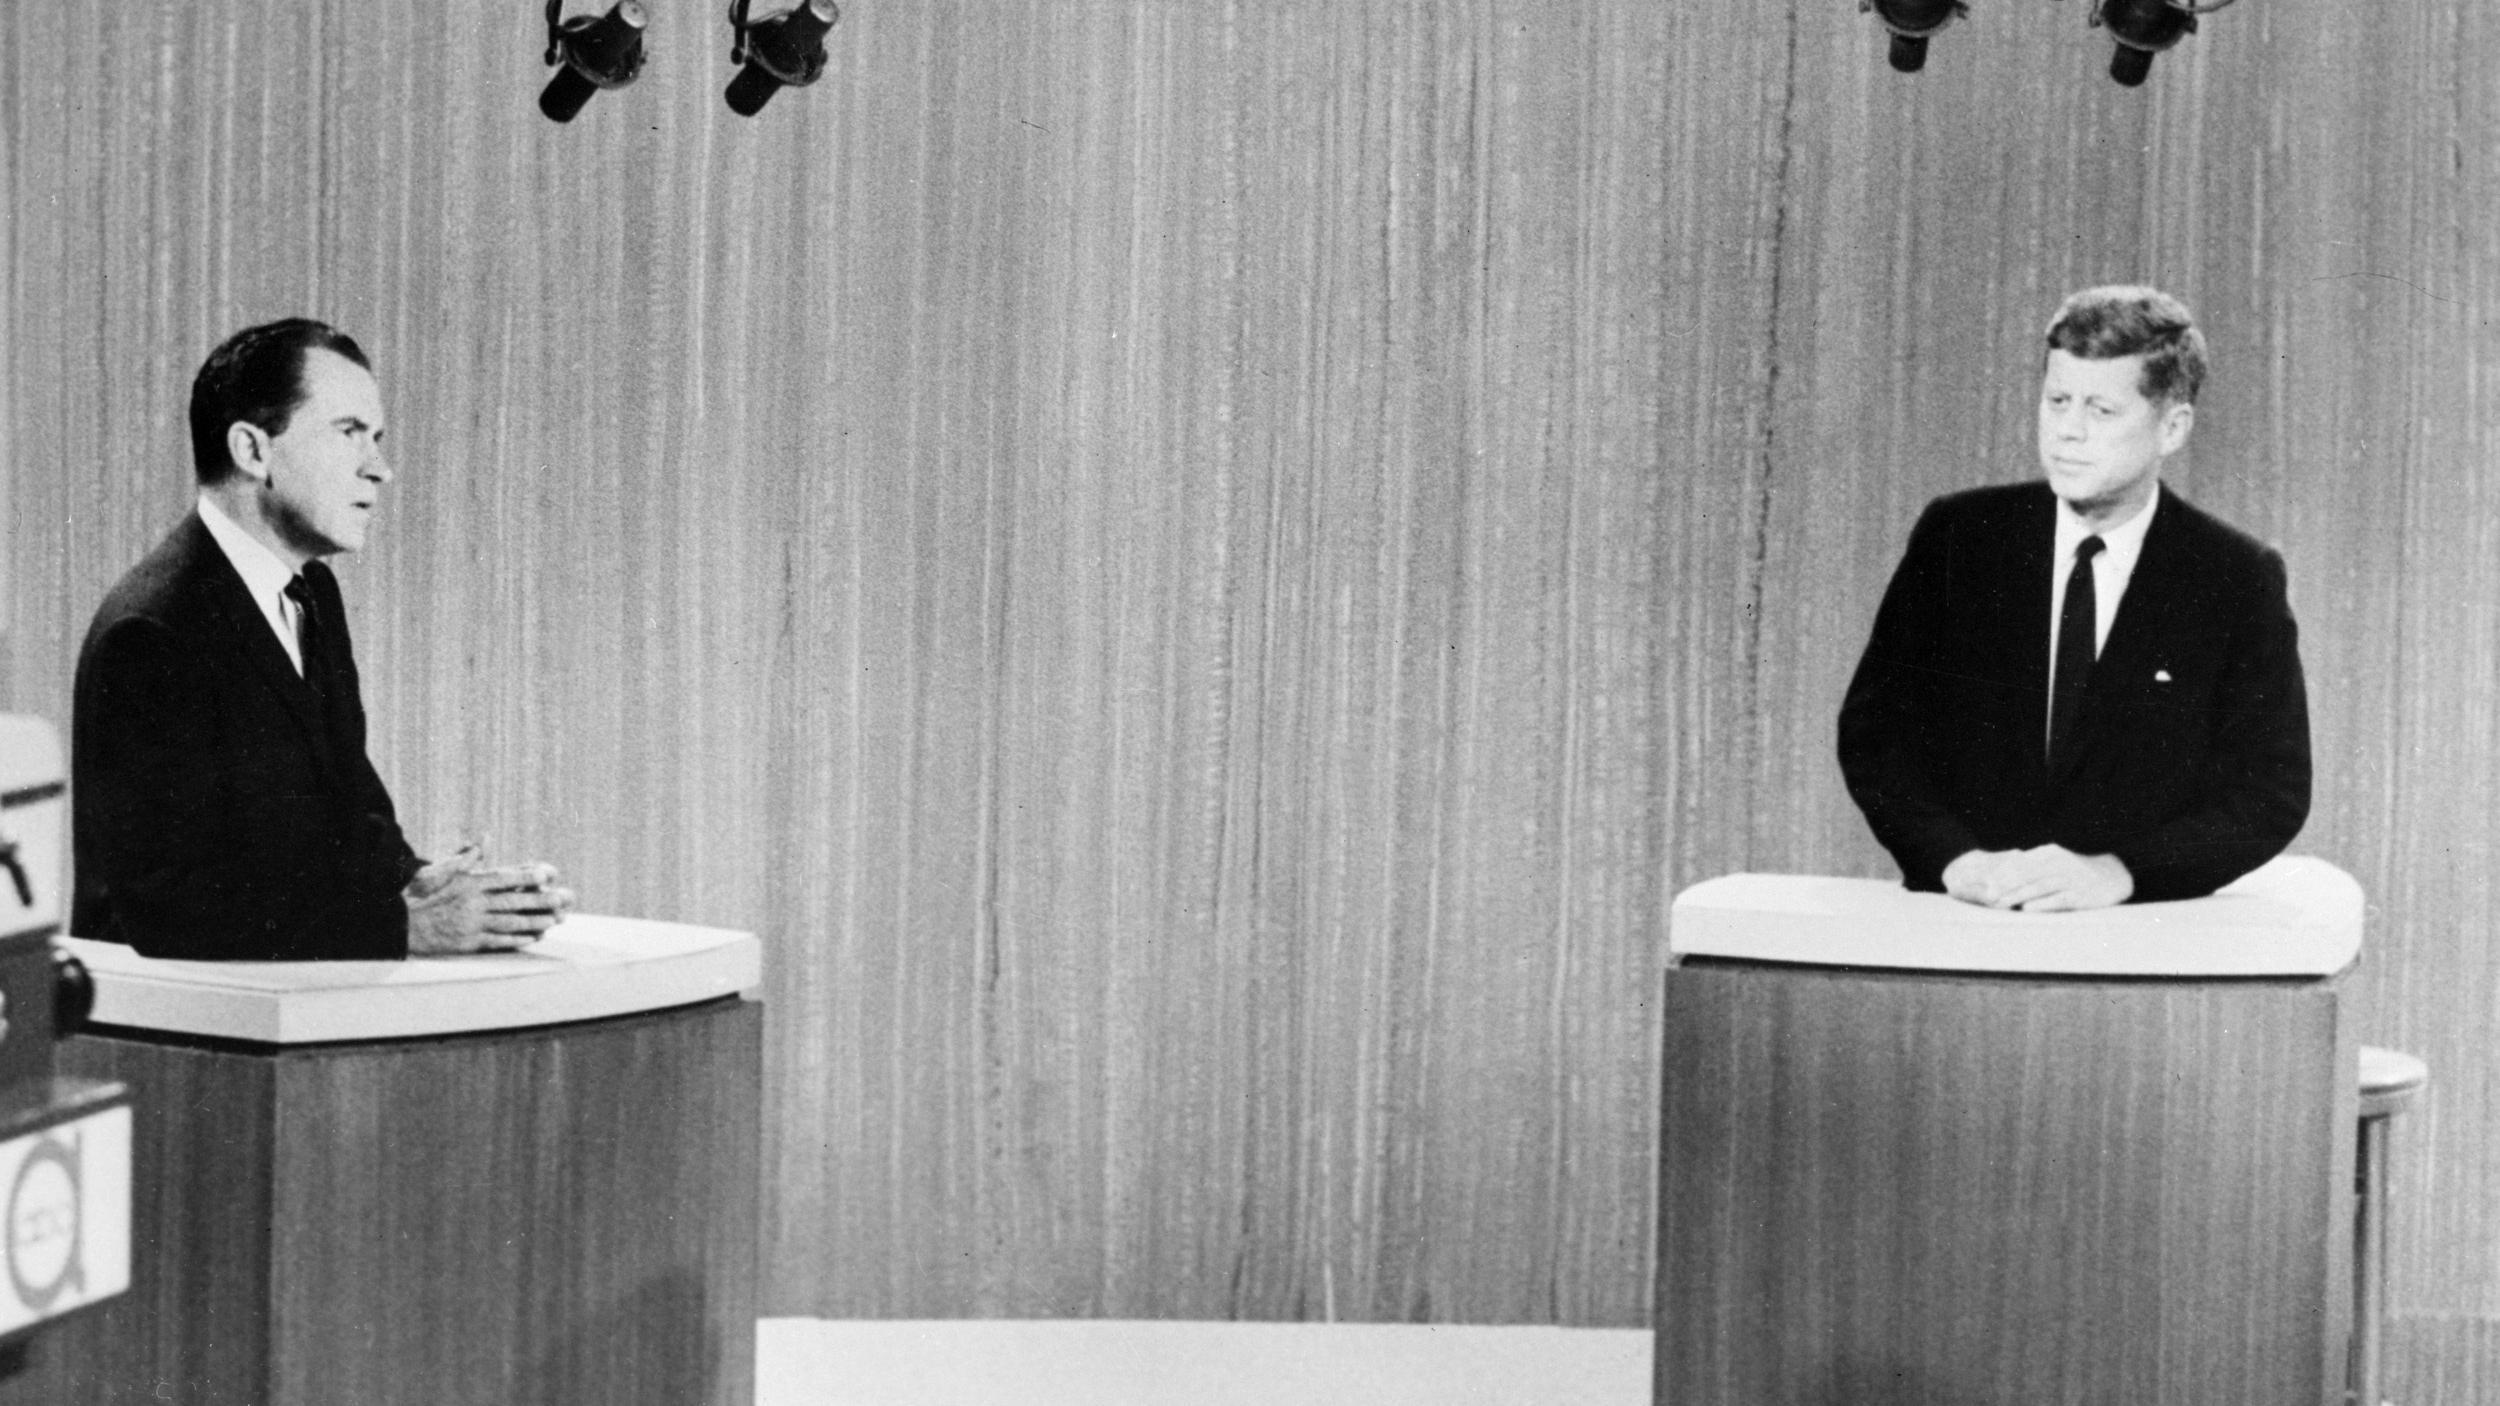 3 rzeczy o wystąpieniach medialnych, których można się nauczyć z debaty Nixon-Kennedy